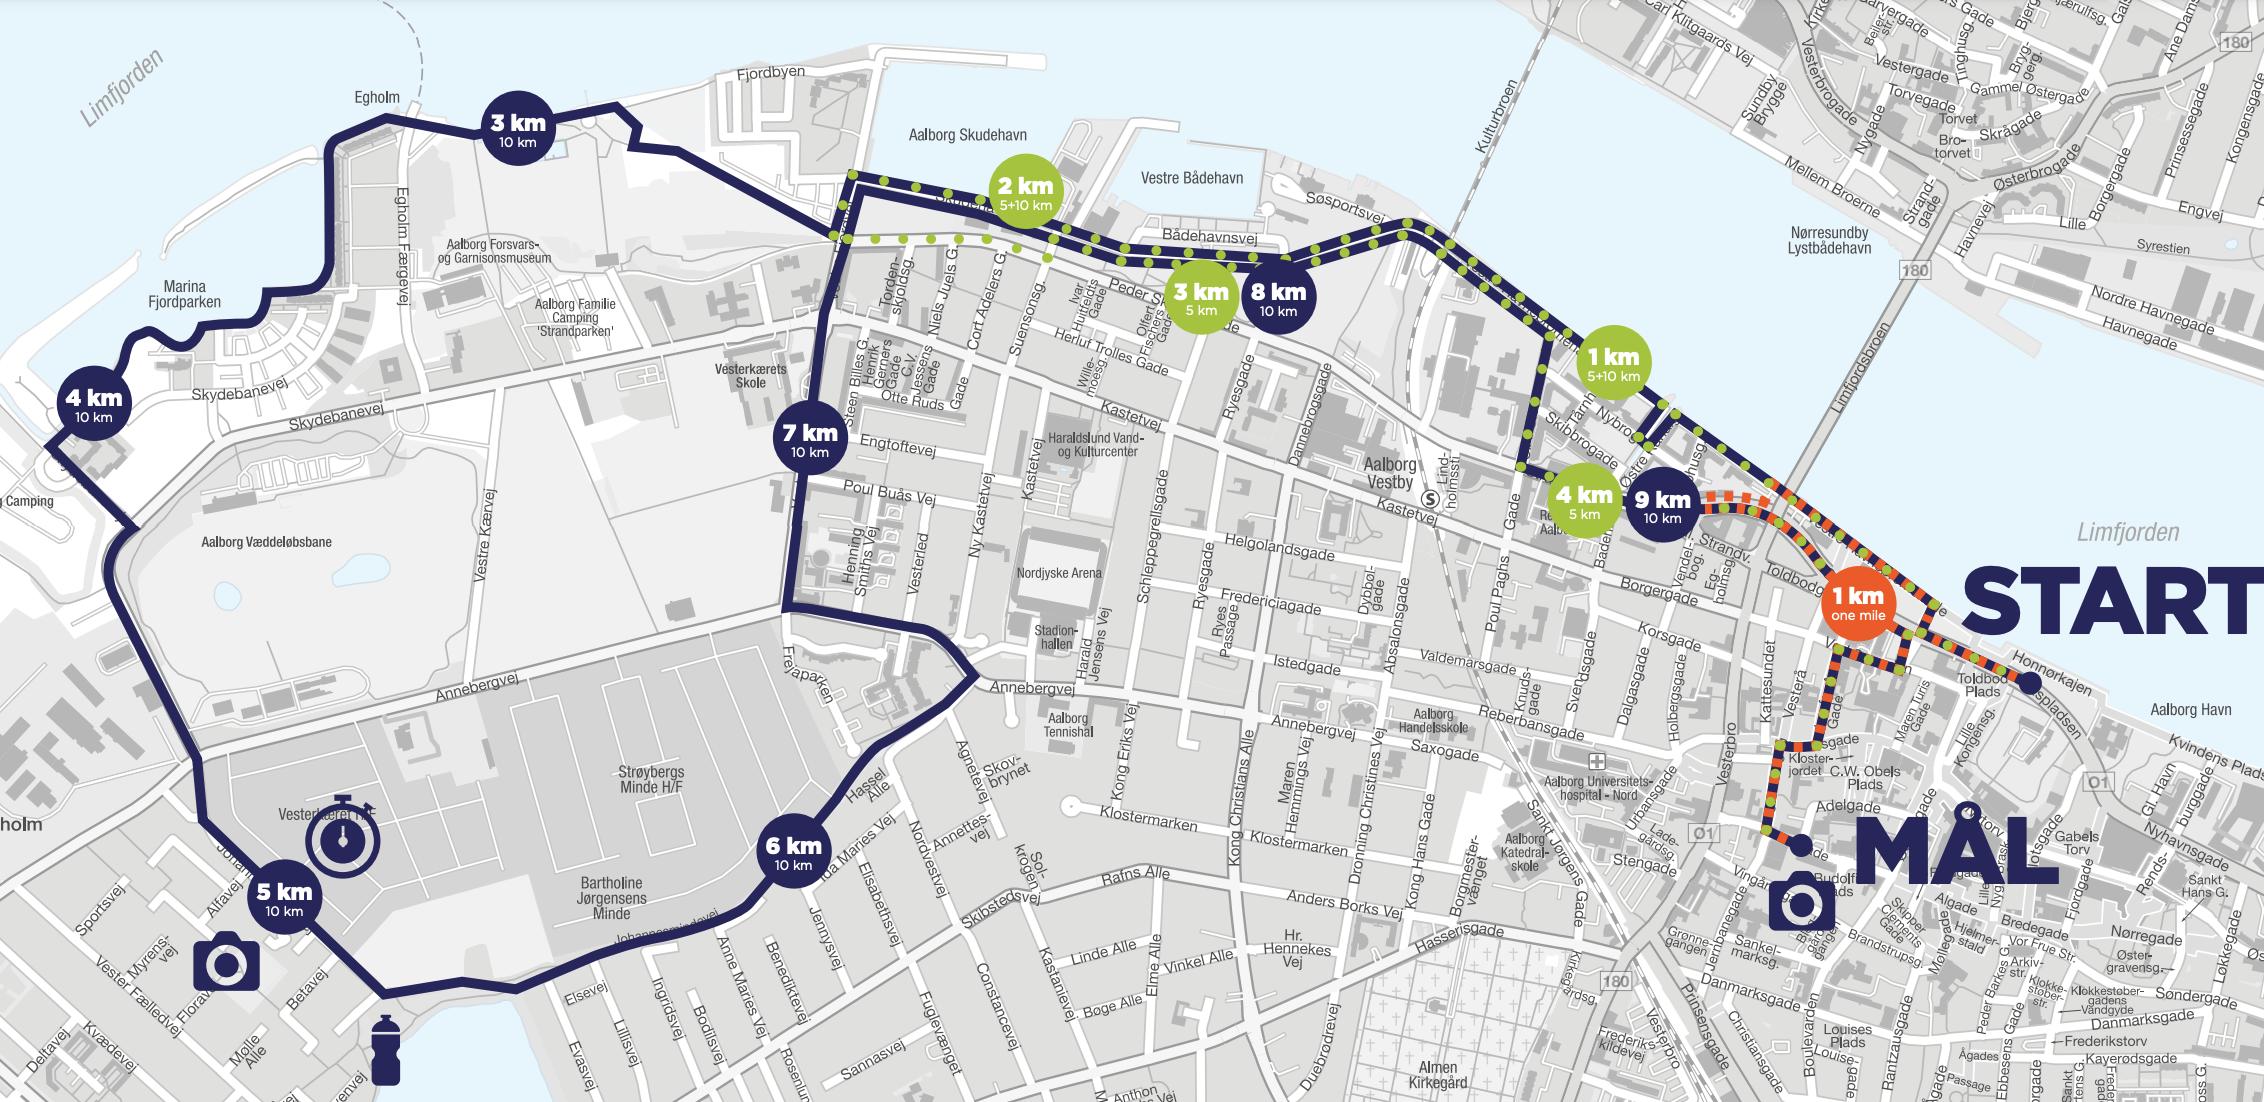 Bliver en stor fest i byen: Her er Royal Run ruten i Aalborg